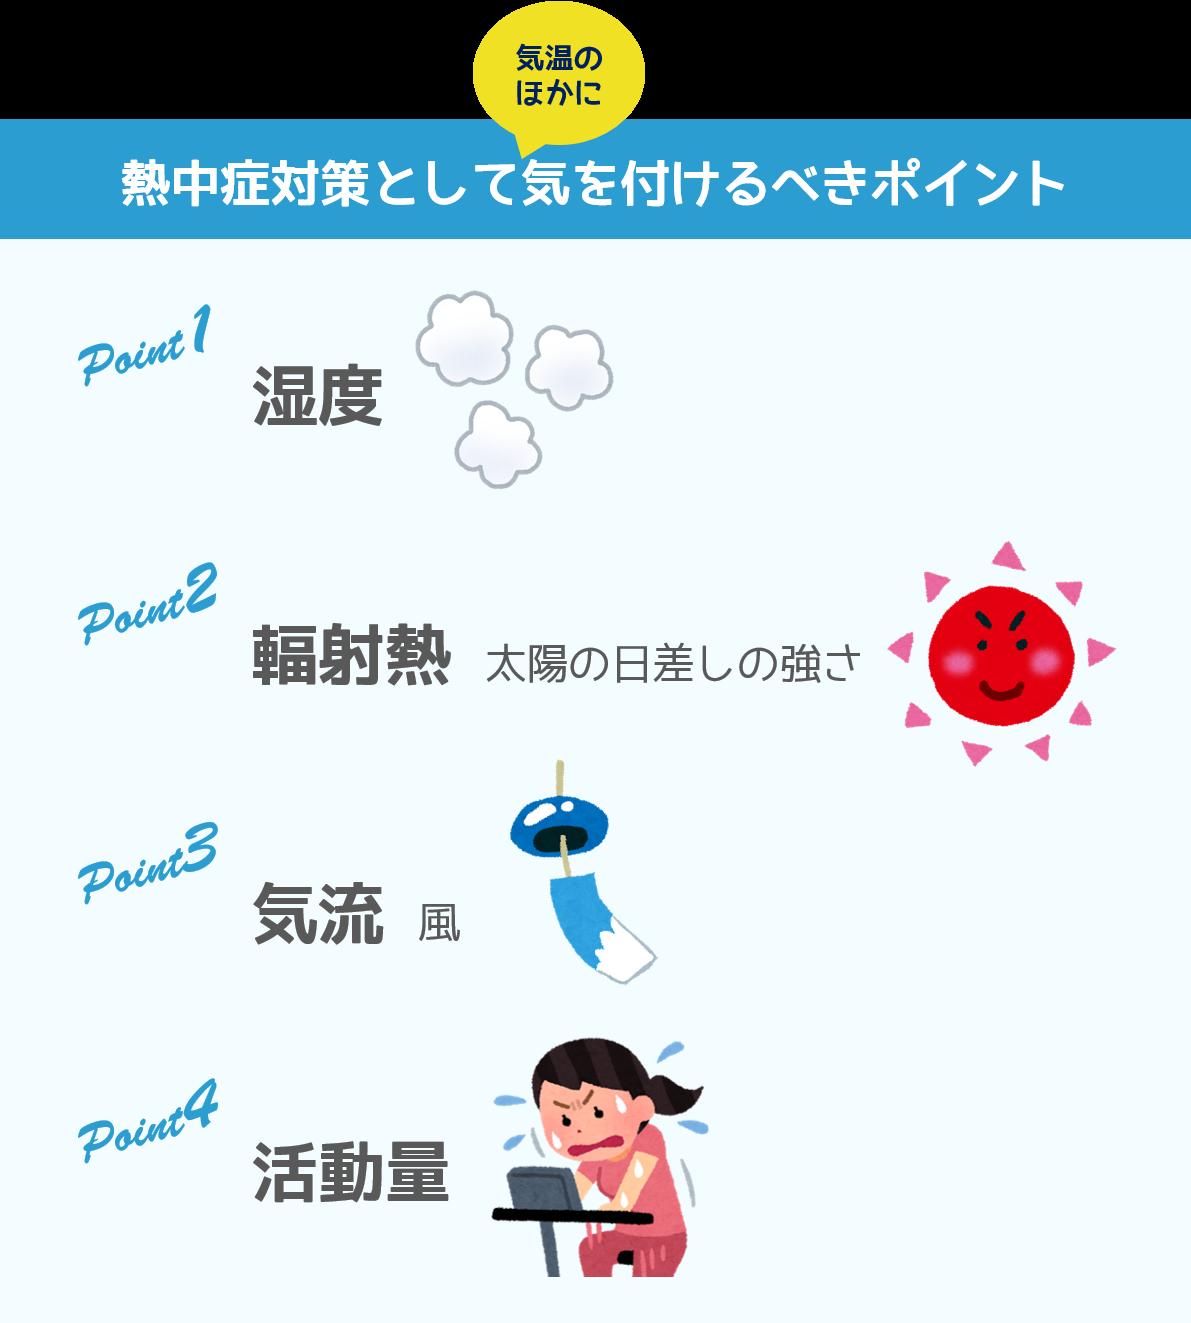 熱中症対策として気温以外に気を付けるべきポイント